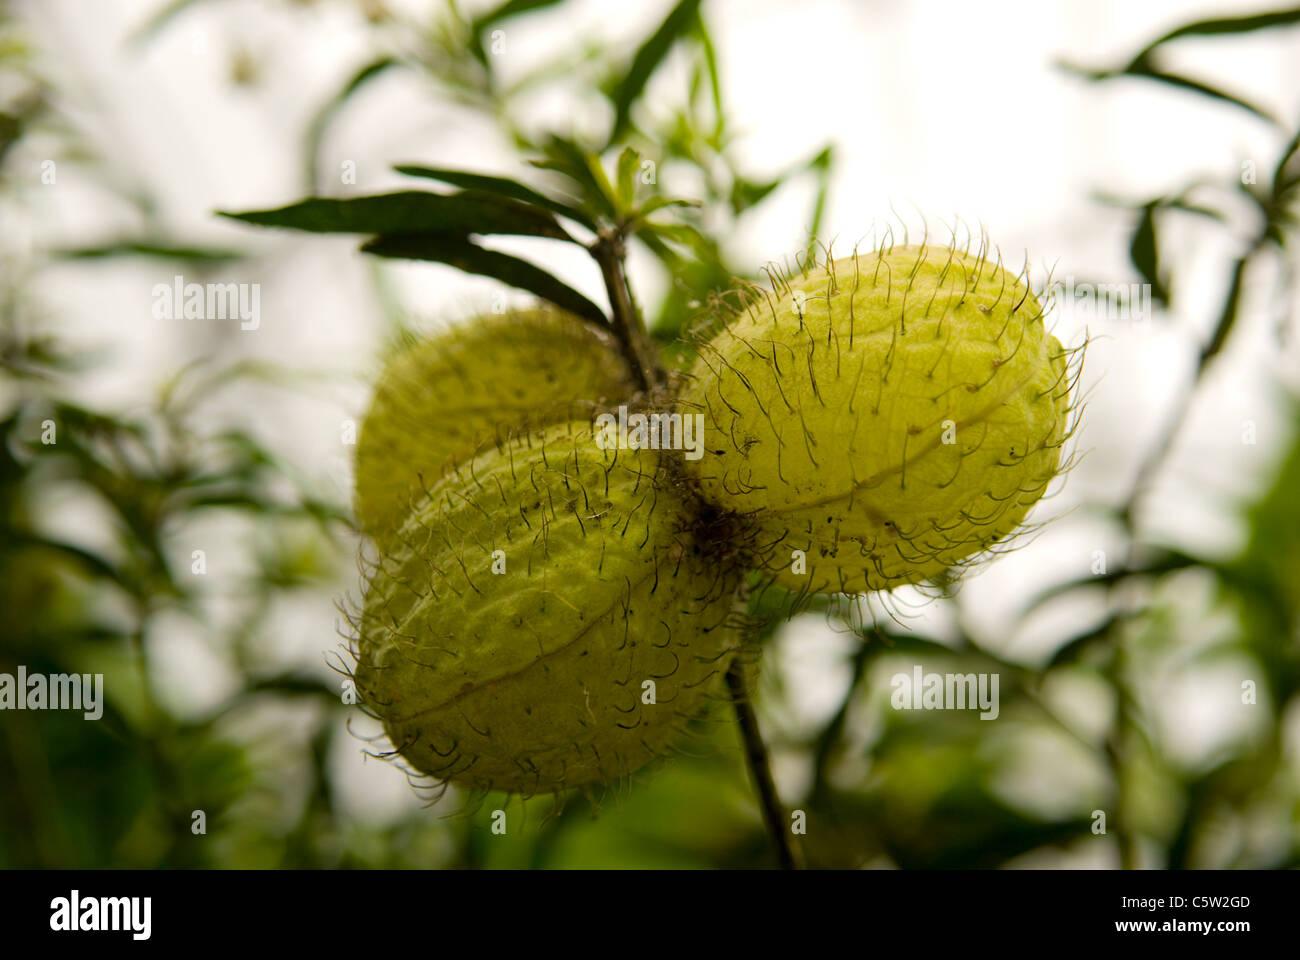 Balloon Cotton Bush Fruit, Asclepias physocarpa aka Gomphocarpus  physocarpus Apocynaceae - Stock Image